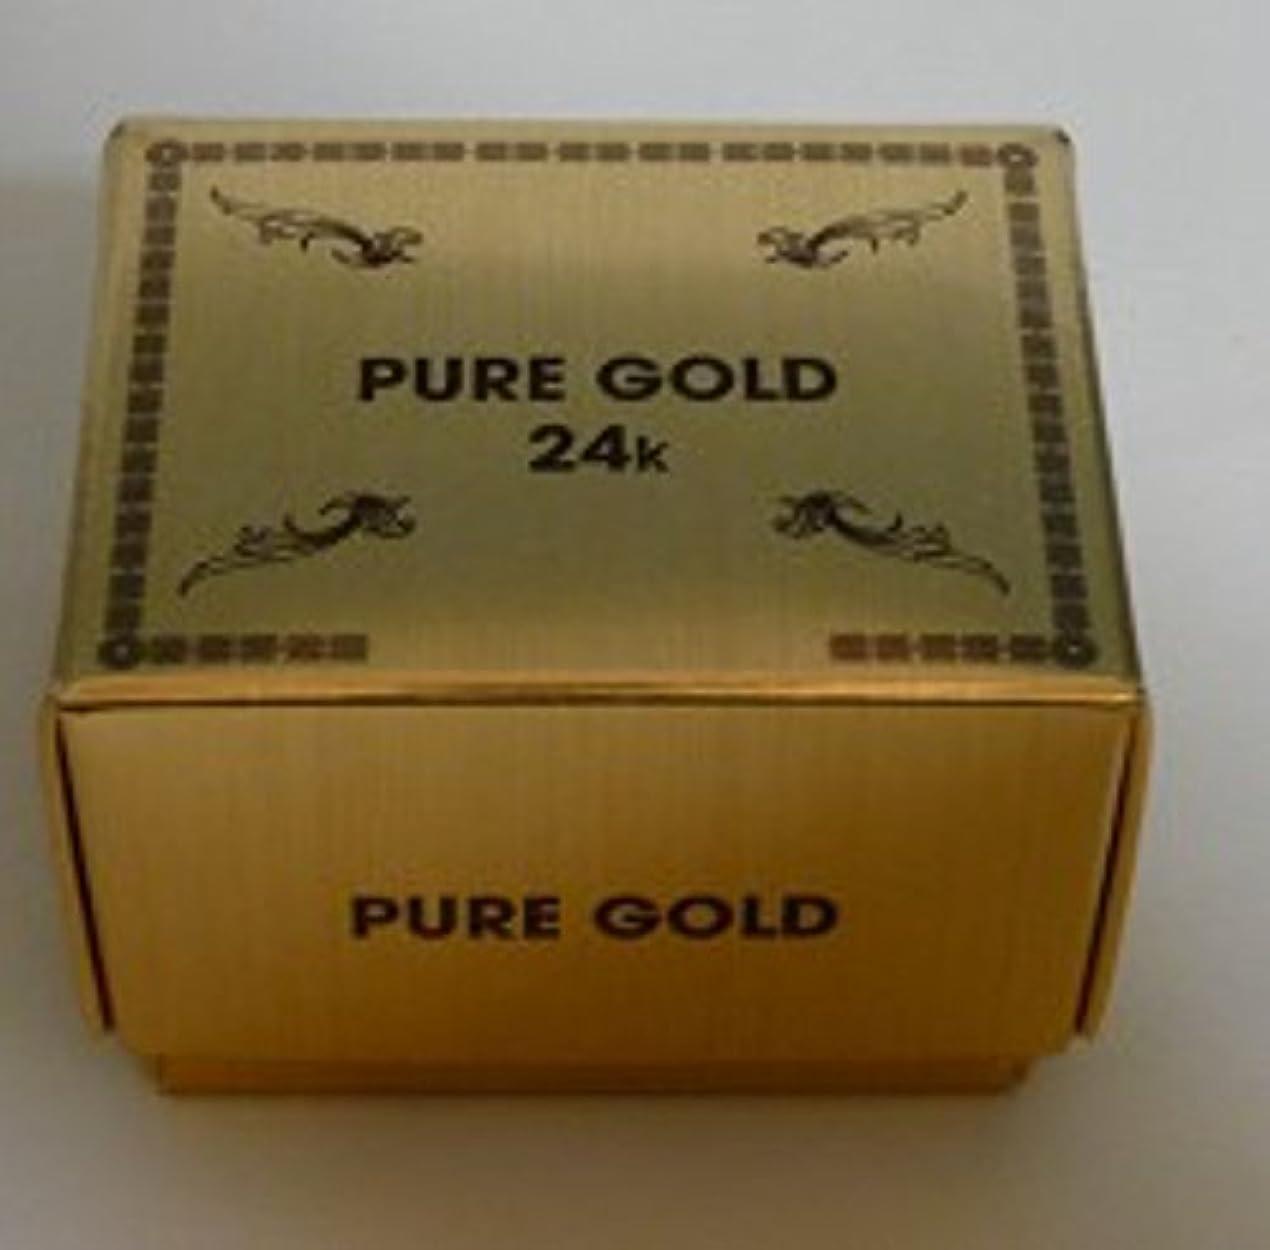 スパイラル集まる内向き金箔エステ パック ゴールド24K 200枚